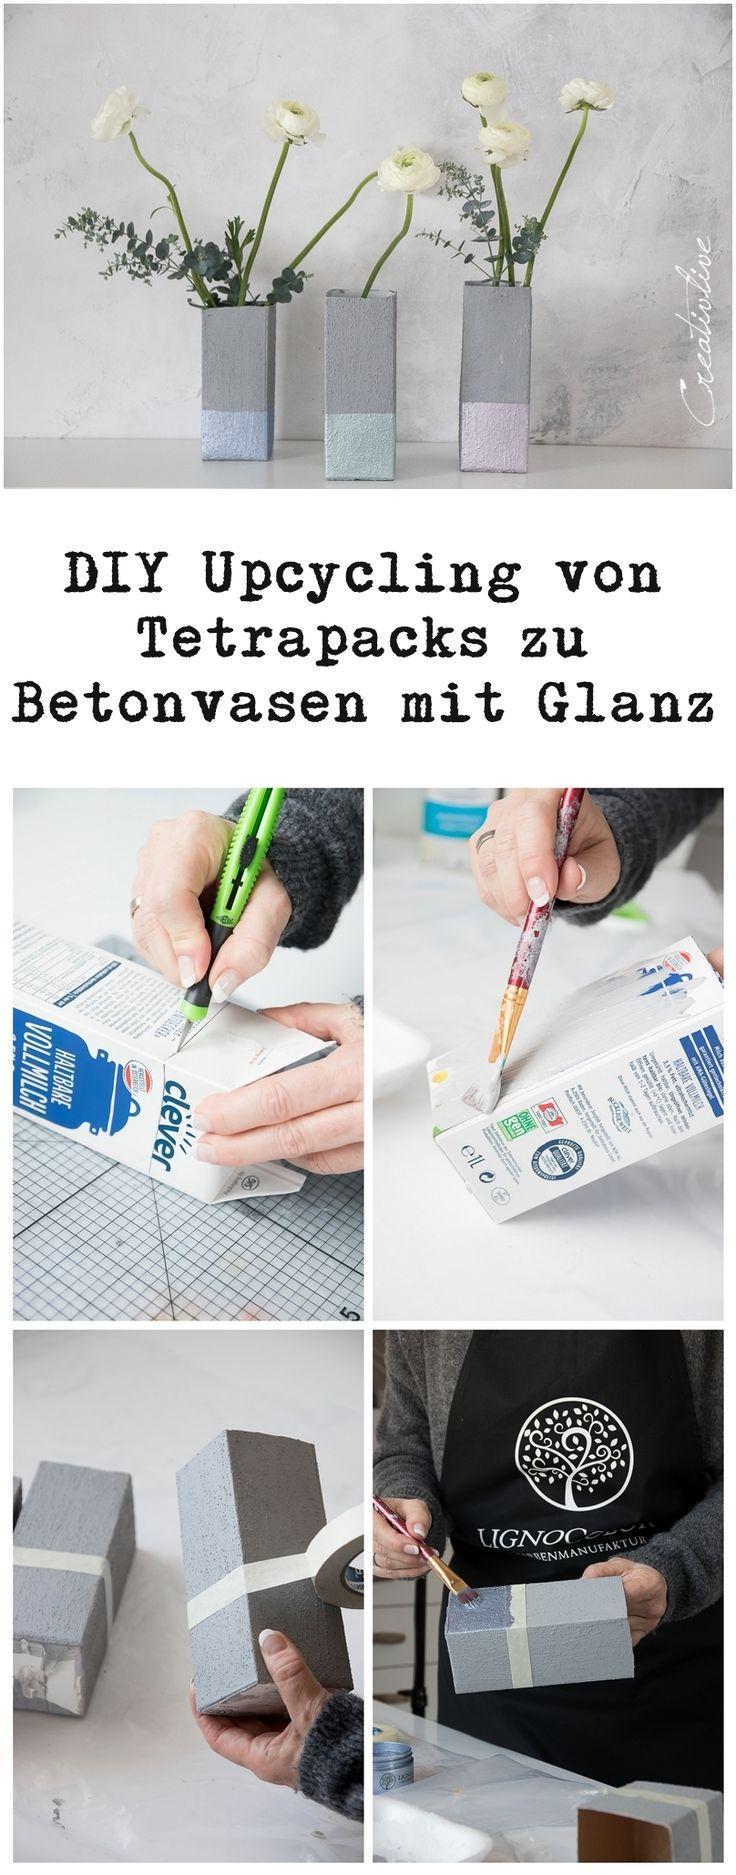 DIY Upcycling Tetrapack als Betonvasen mit Glanz – DIYCarinchen – DIY Ideen: Basteln, Geschenke, Deko, und Wohnen